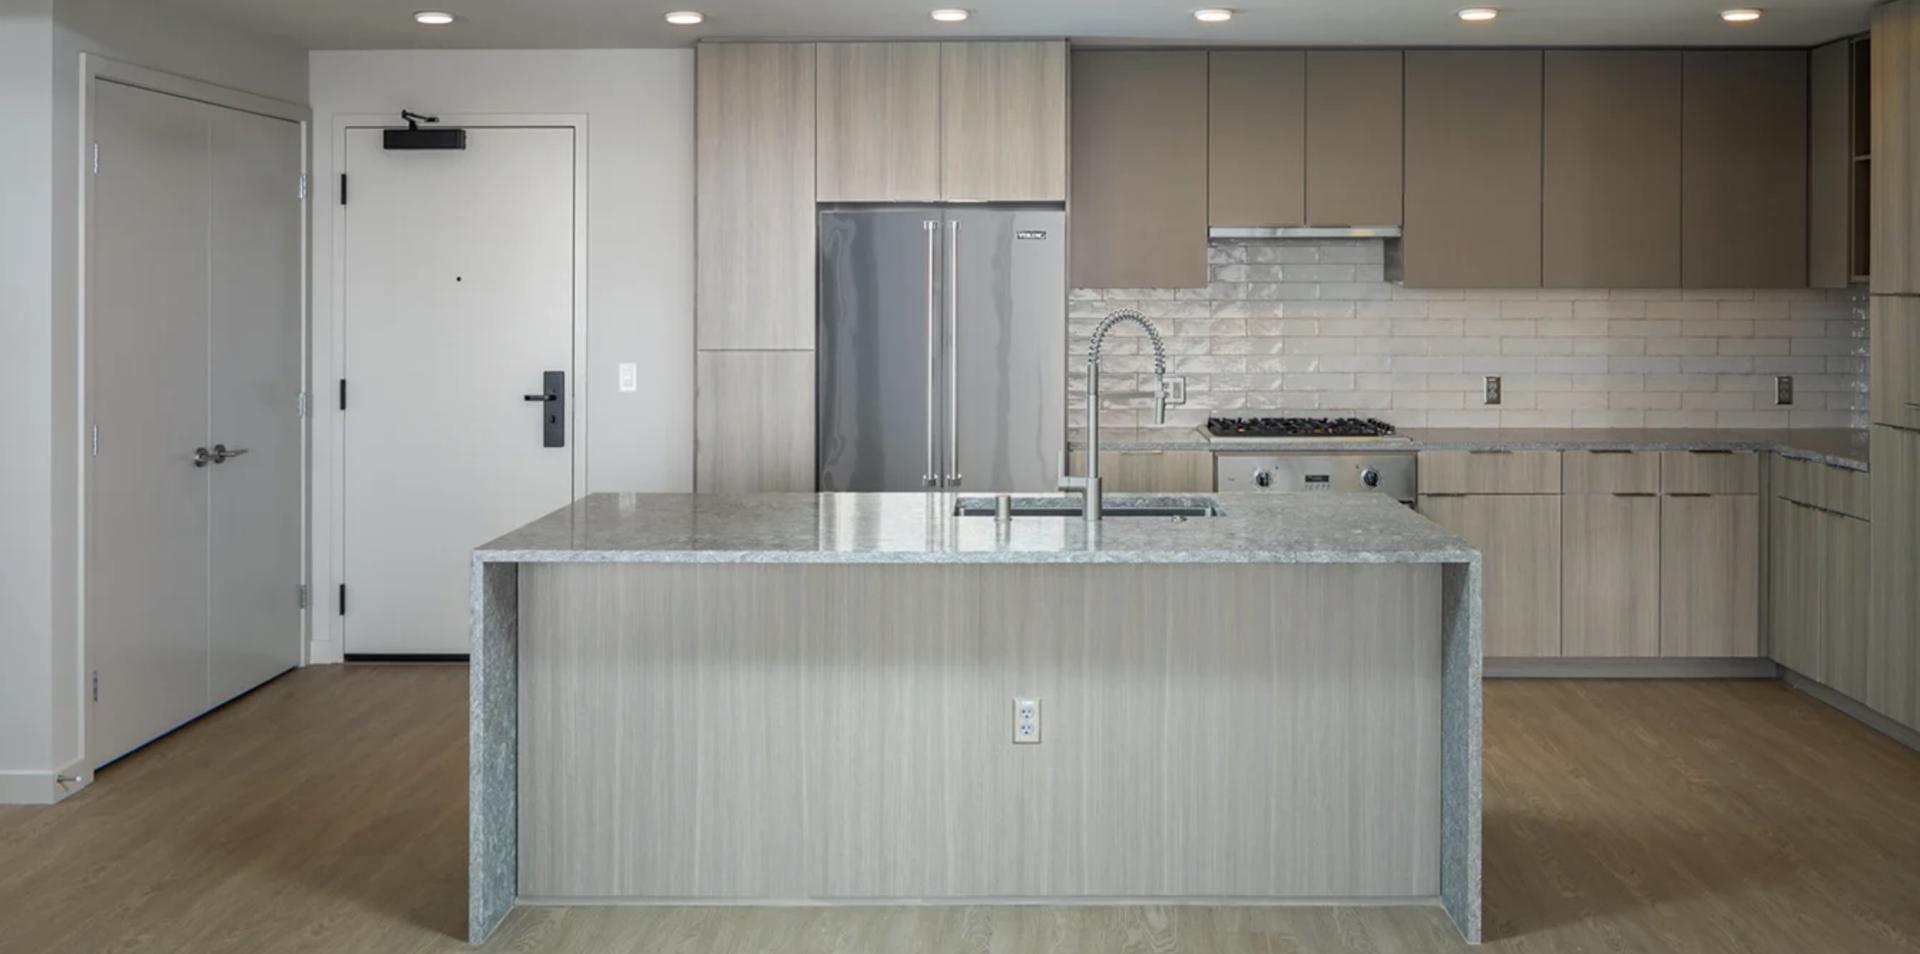 601 11th Avenue #0803, San Diego, CA - $4,425 USD/ month